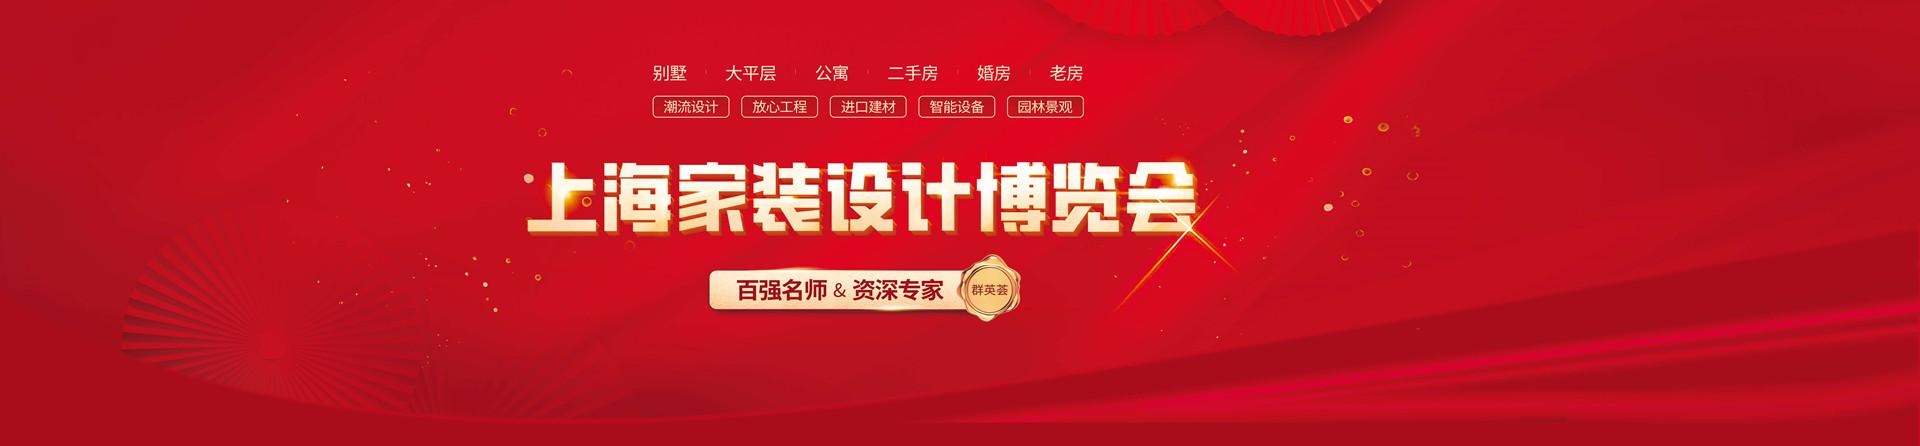 6月26 -- 27日上海家装博览会